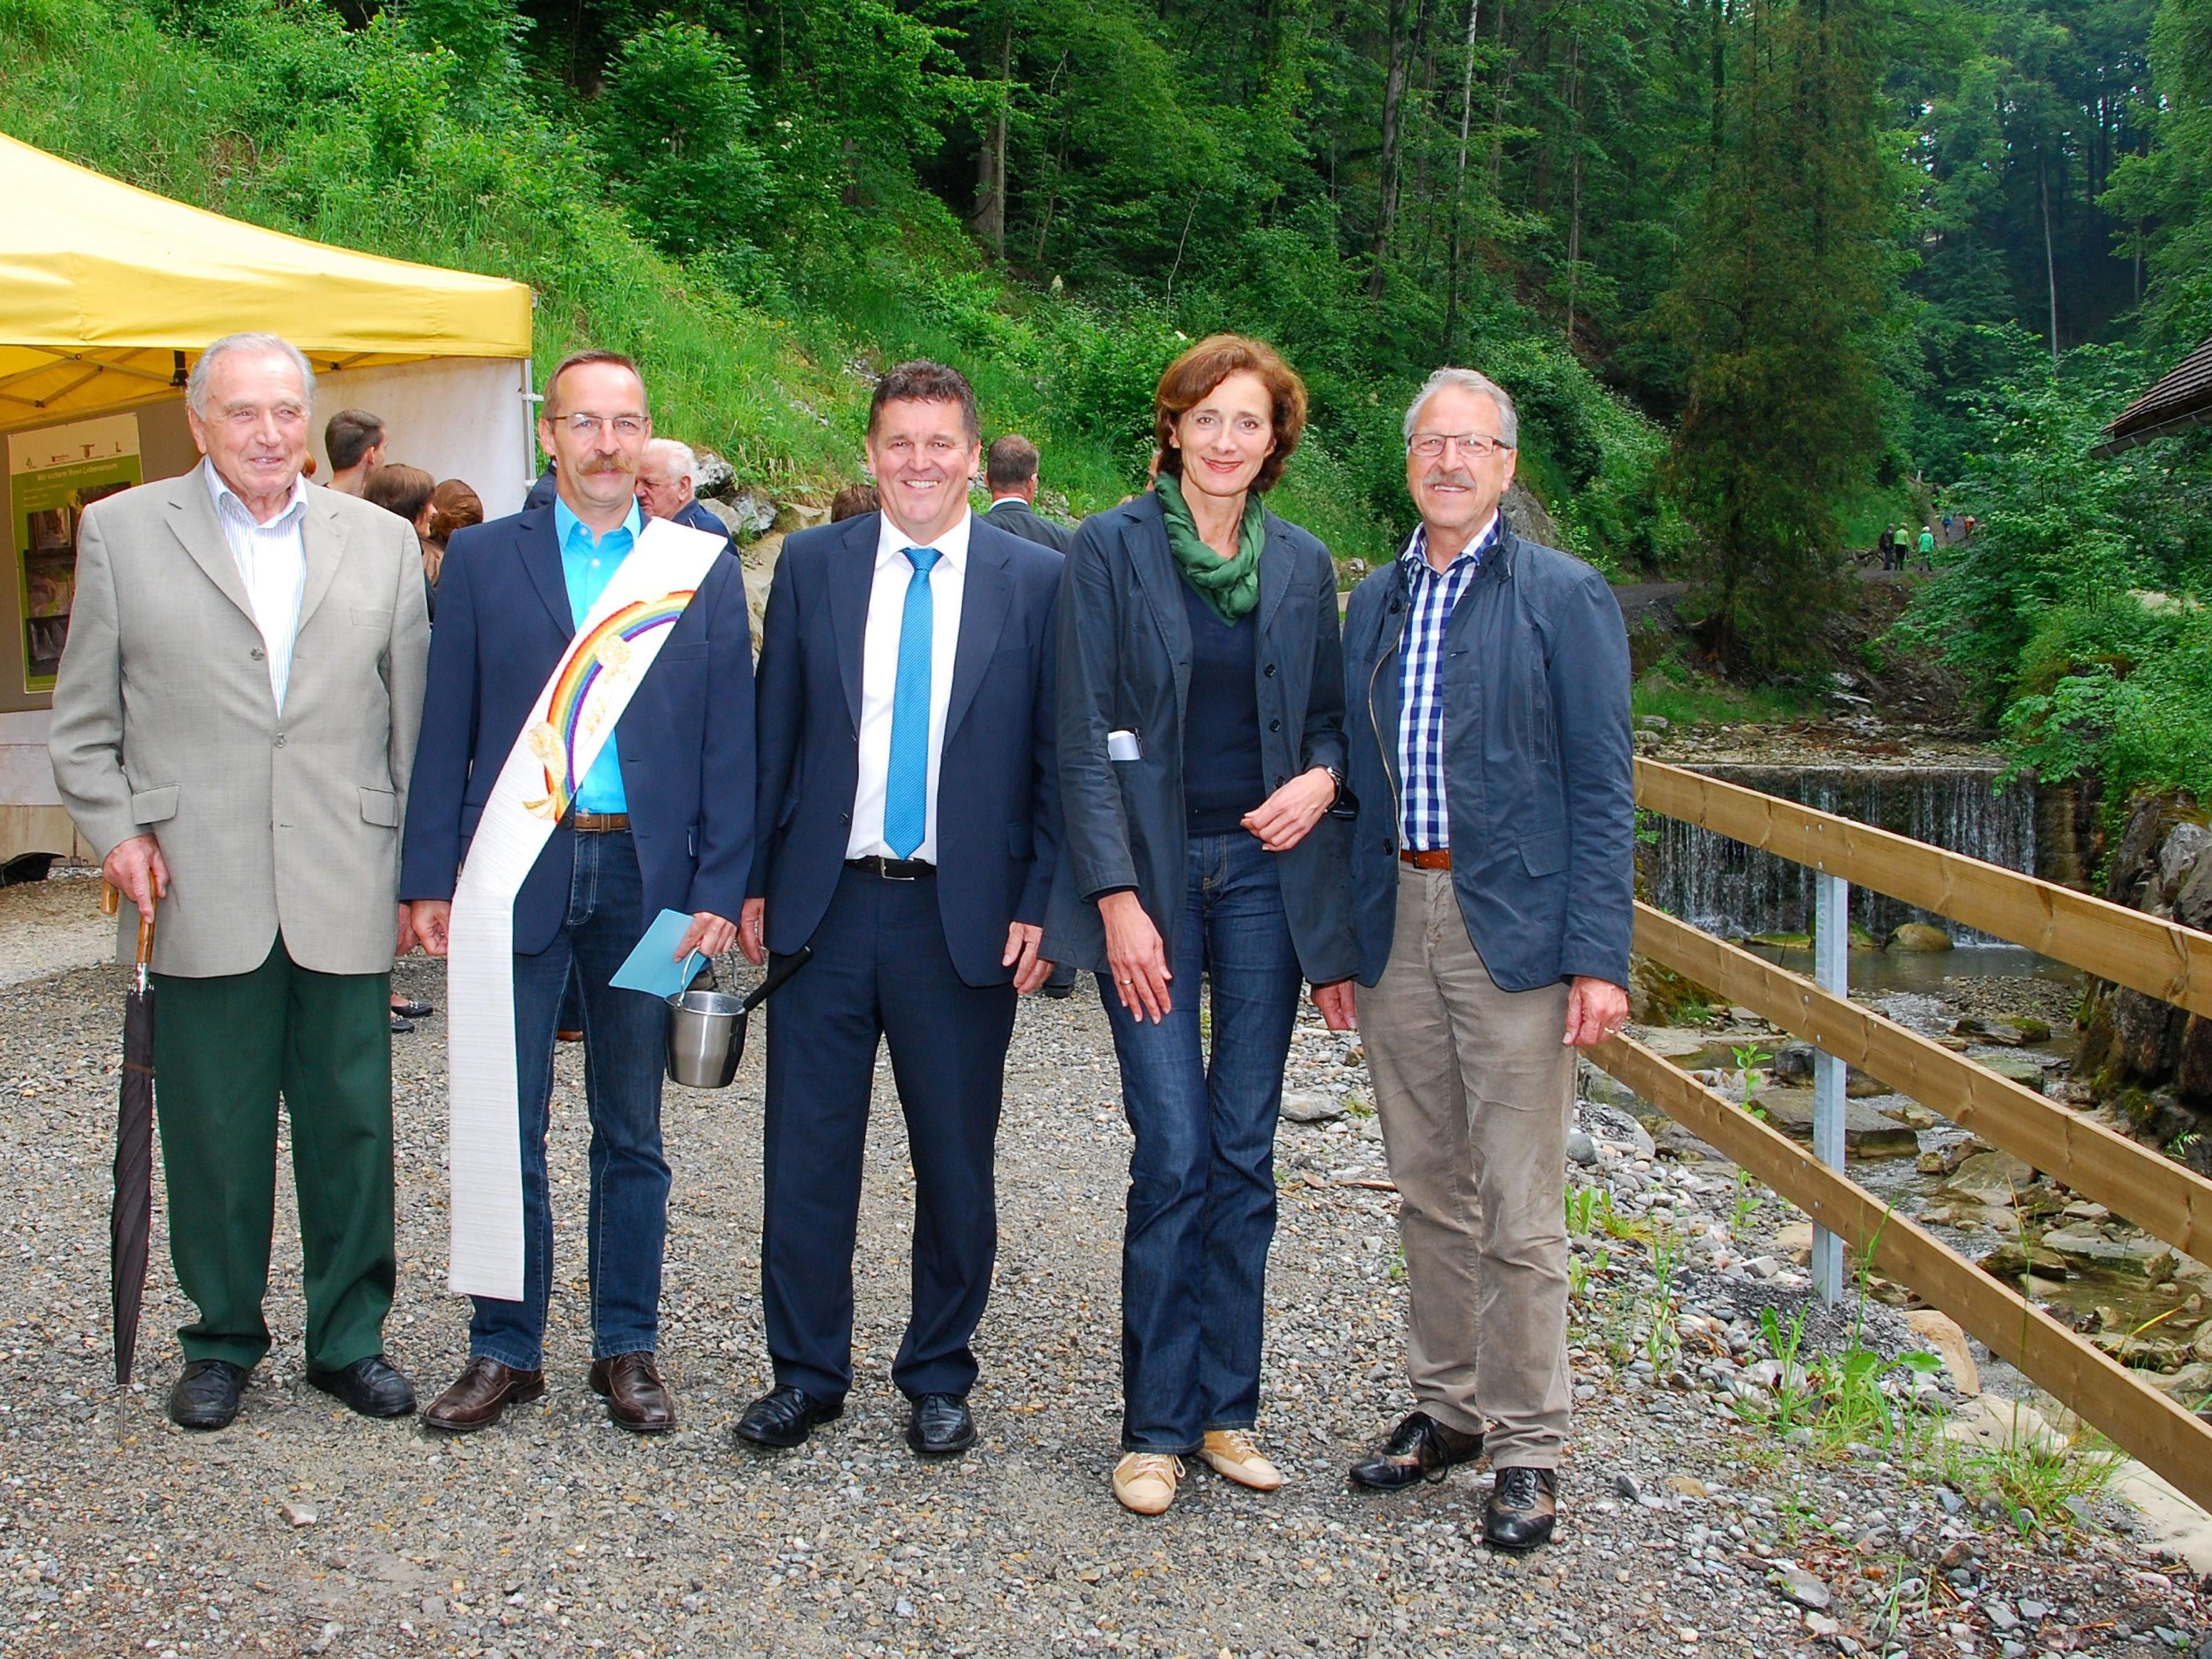 Eröffnung Geschiebesperre mit Hubert Waibel, Diakon Lang, LTP Mennel, Erwin Mohr.